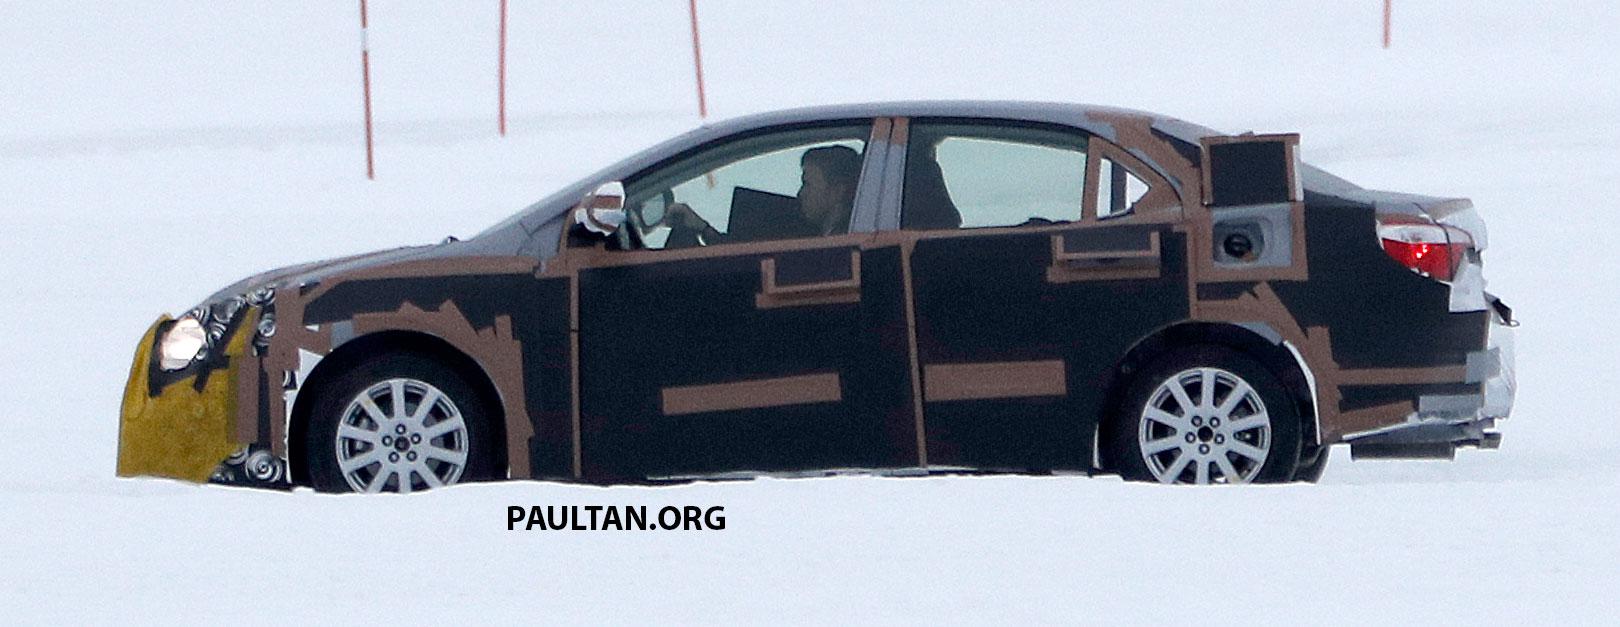 全新 Toyota Corolla 积极开发,国外雪地测试谍照曝光。 Toyota Corolla 005